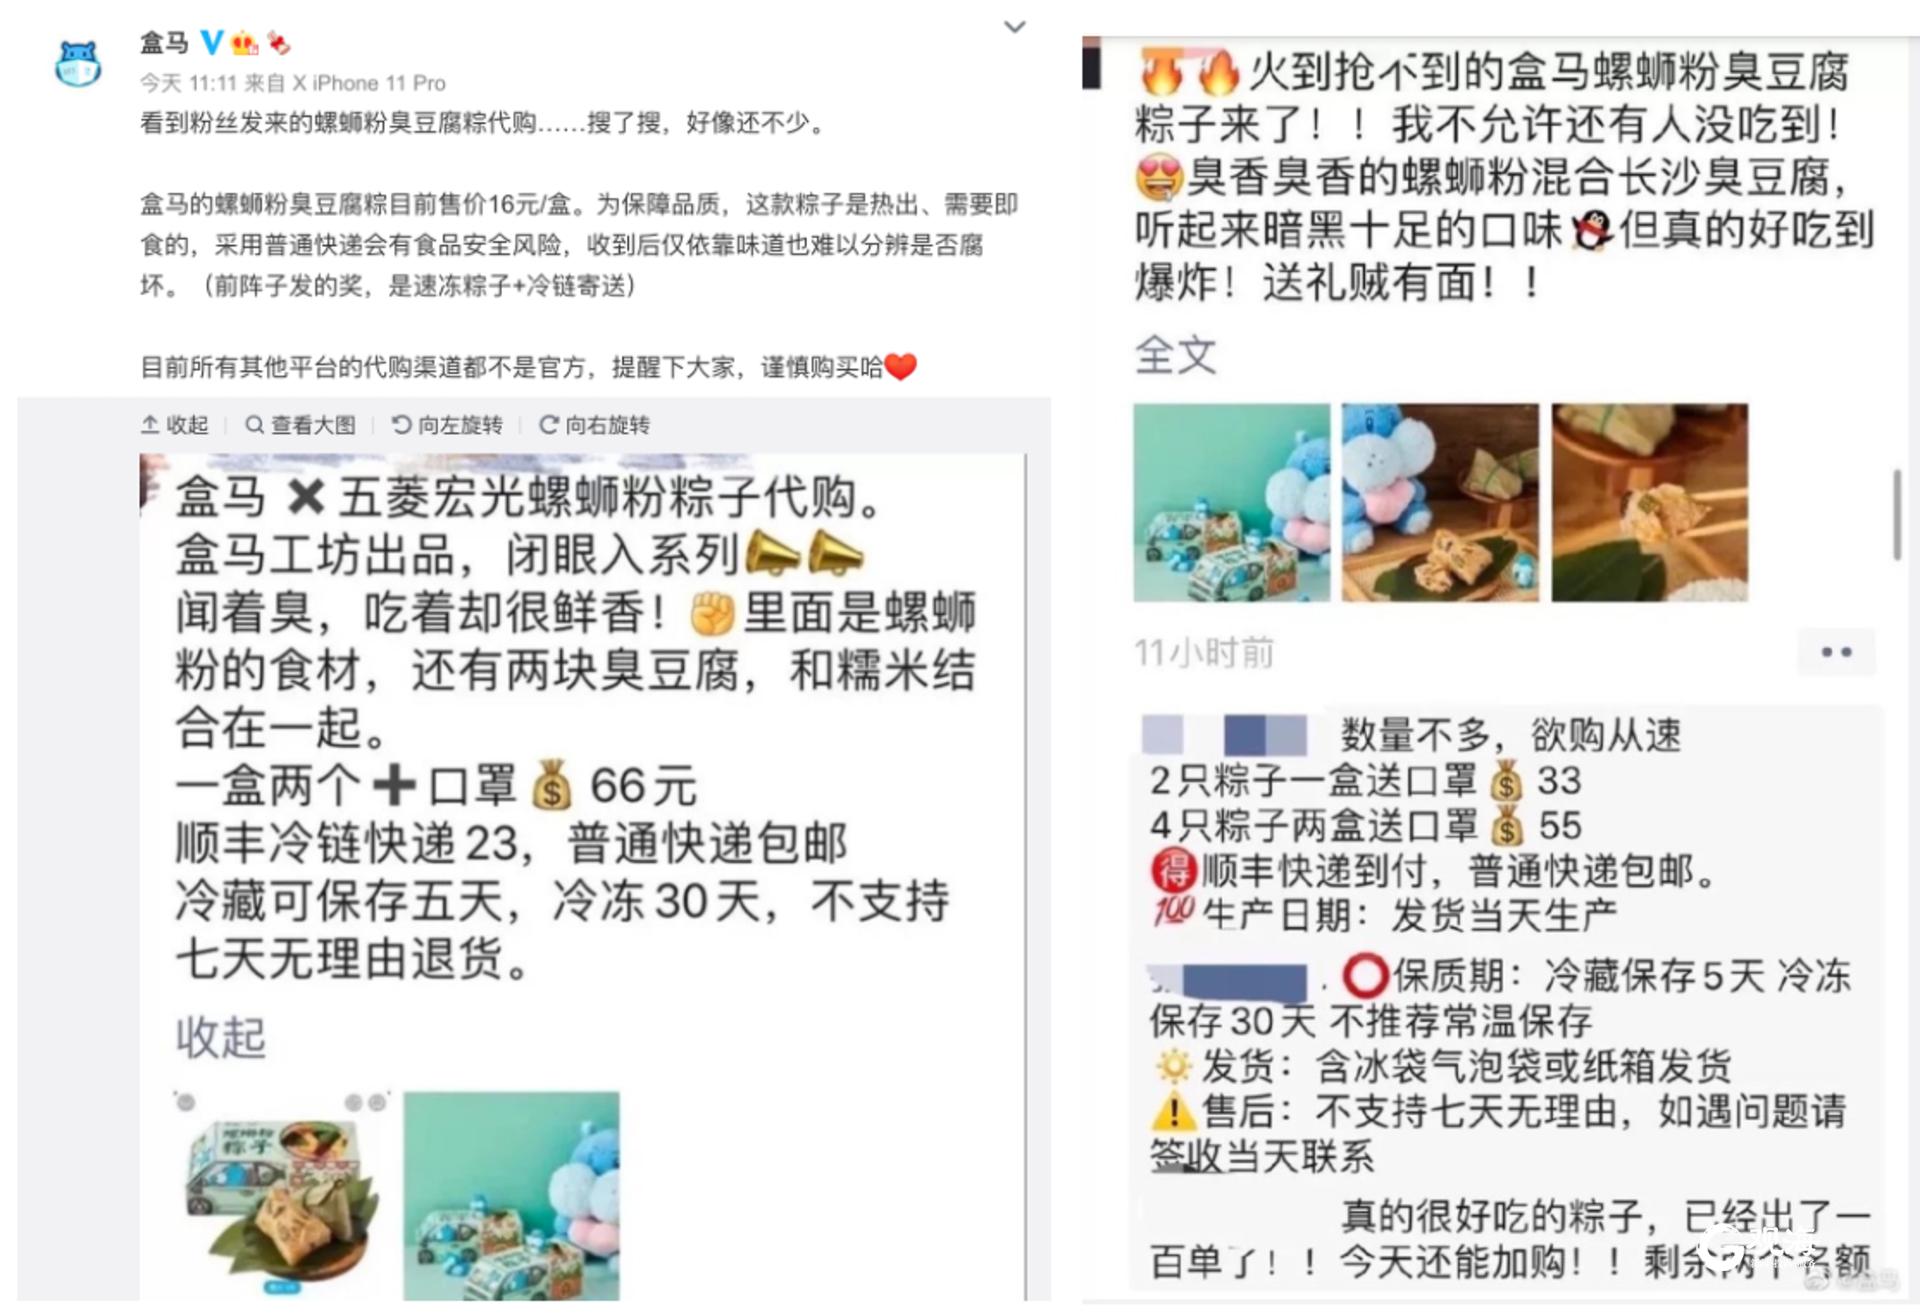 @青岛人,这款网红粽子代购恐有食安风险,请谨慎下单